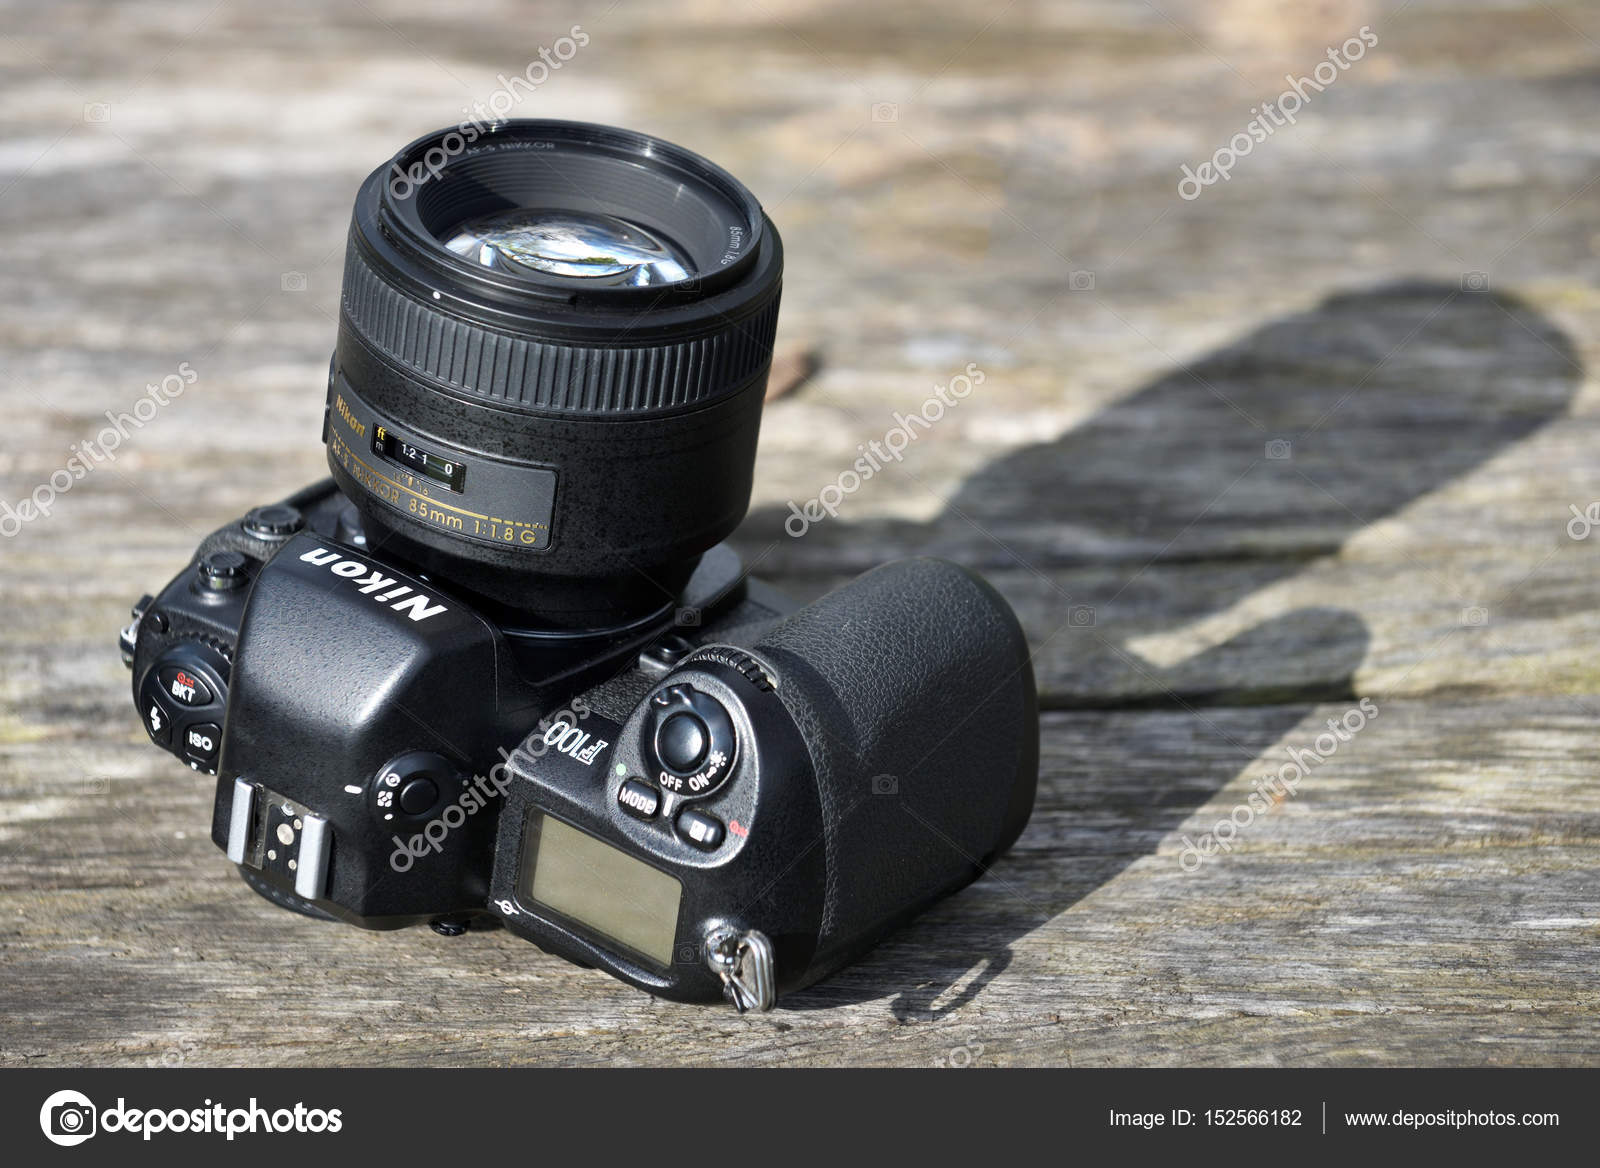 ニコン f 100 フィルム カメラ本体 ストック編集用写真 fla 152566182